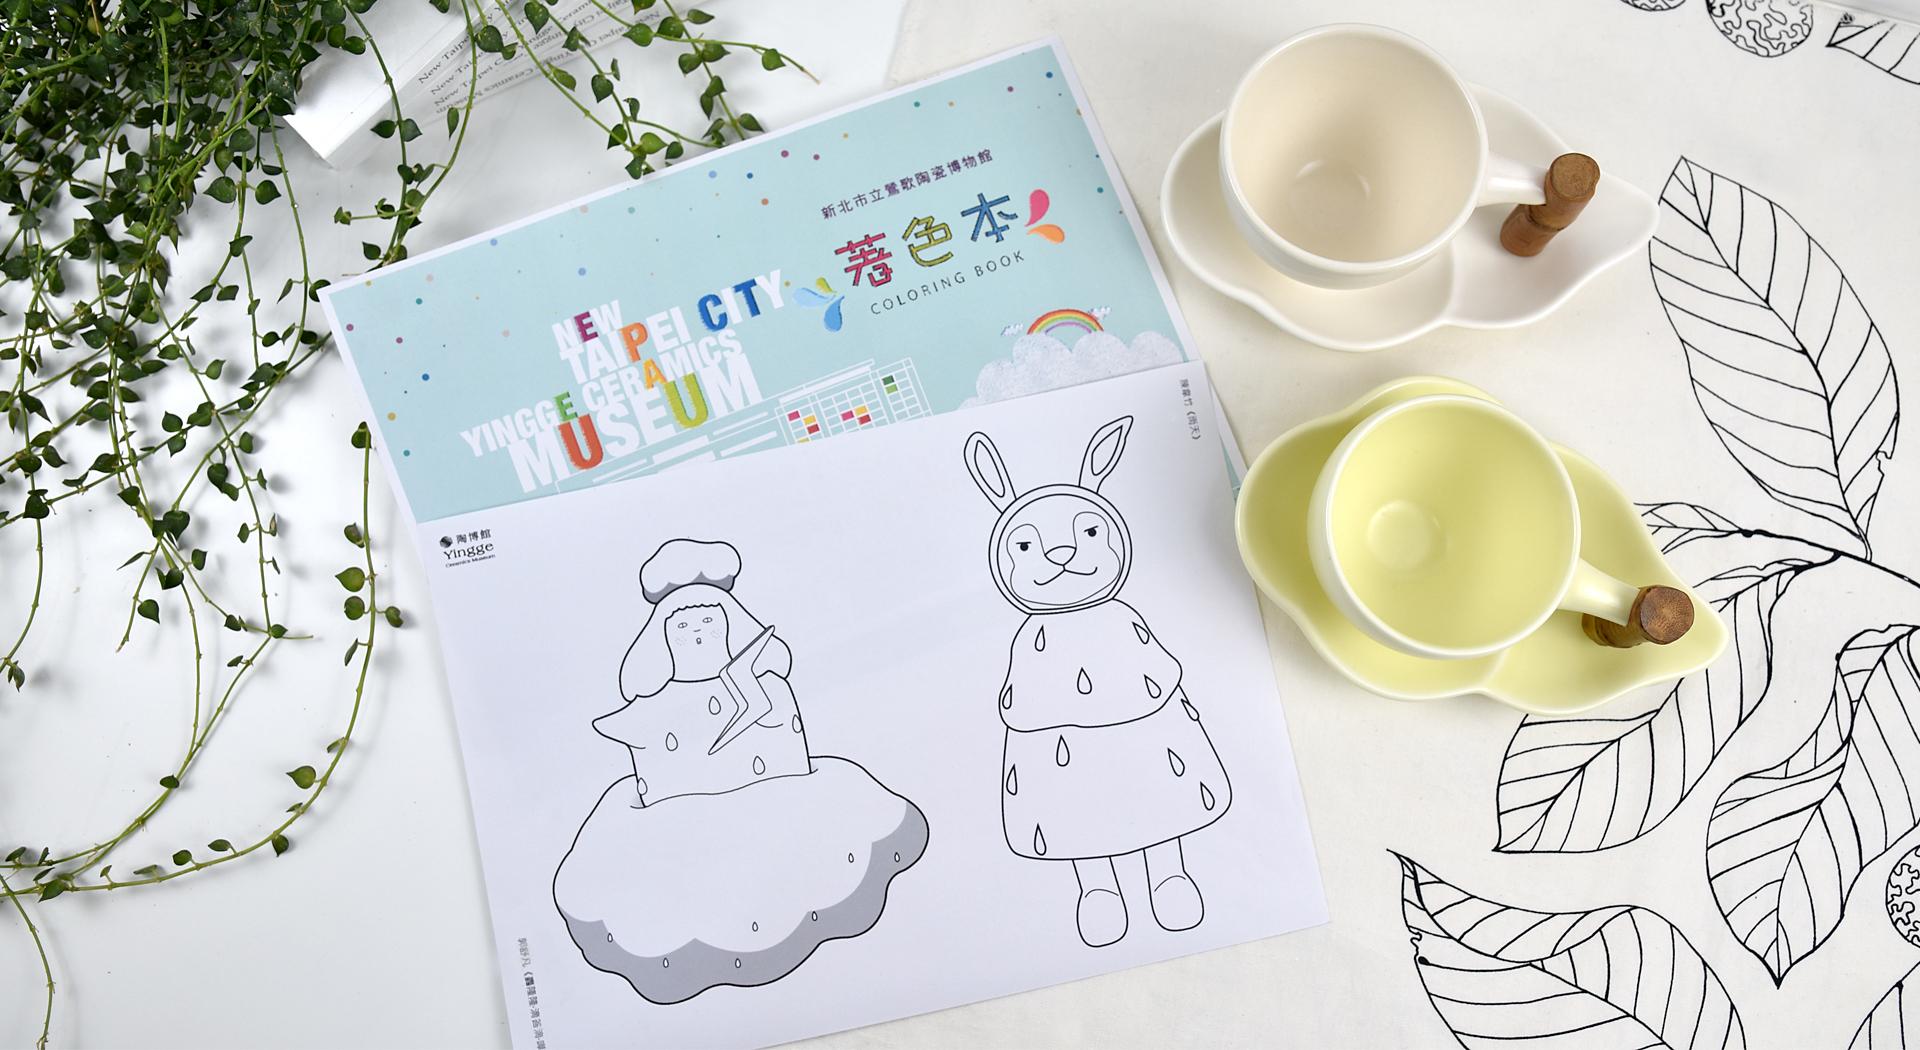 至活動網頁分享自己的著色畫,就有機會獲得彩雲雲朵咖啡杯盤組等好禮。